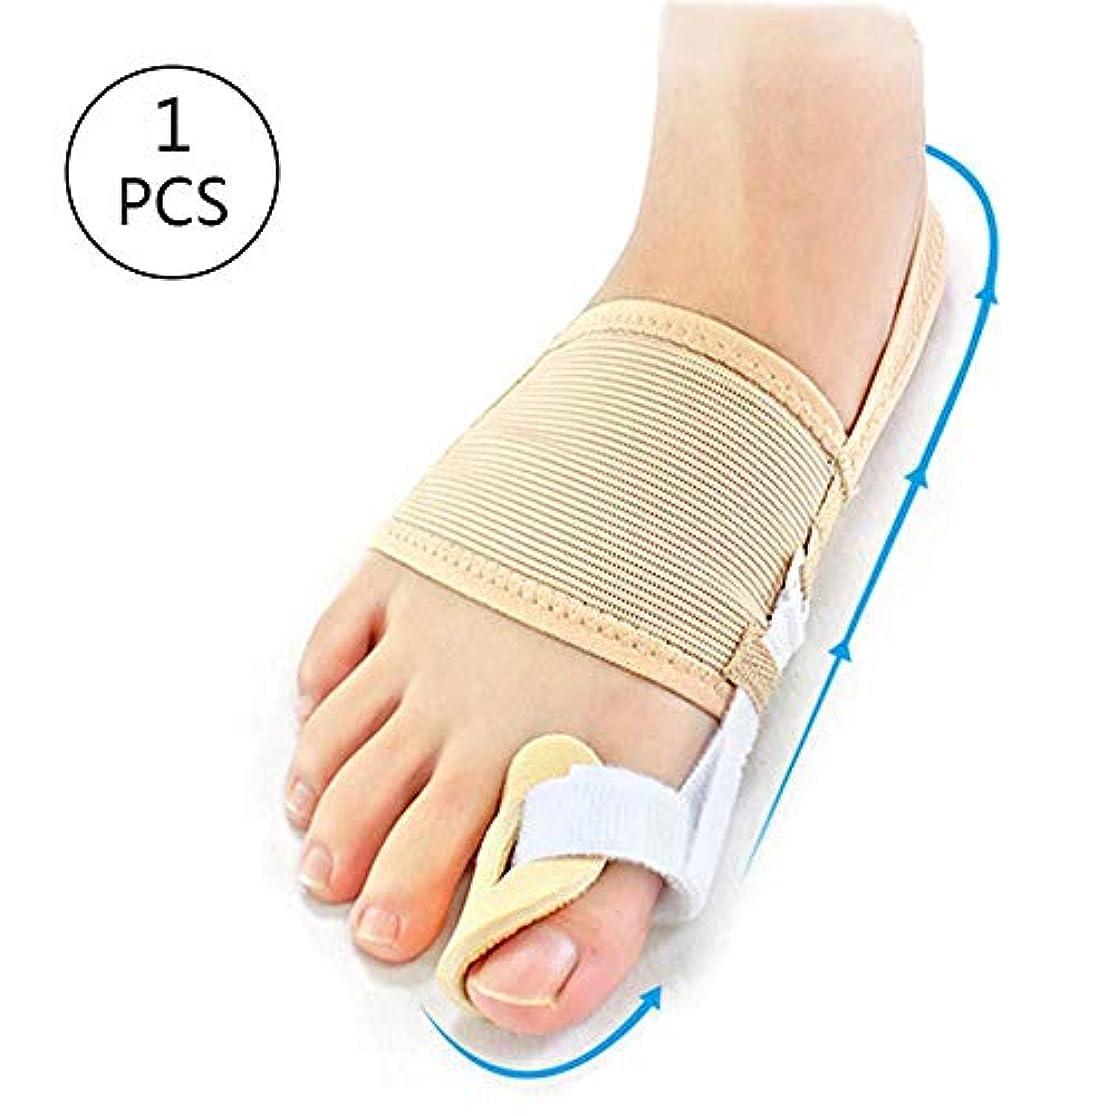 シプリー配当急降下外反母tho、外反母、ナイトスプリント、足の親指、矯正、矯正、足指、整形外科、痛みの緩和とサポート(1)ユニバーサル